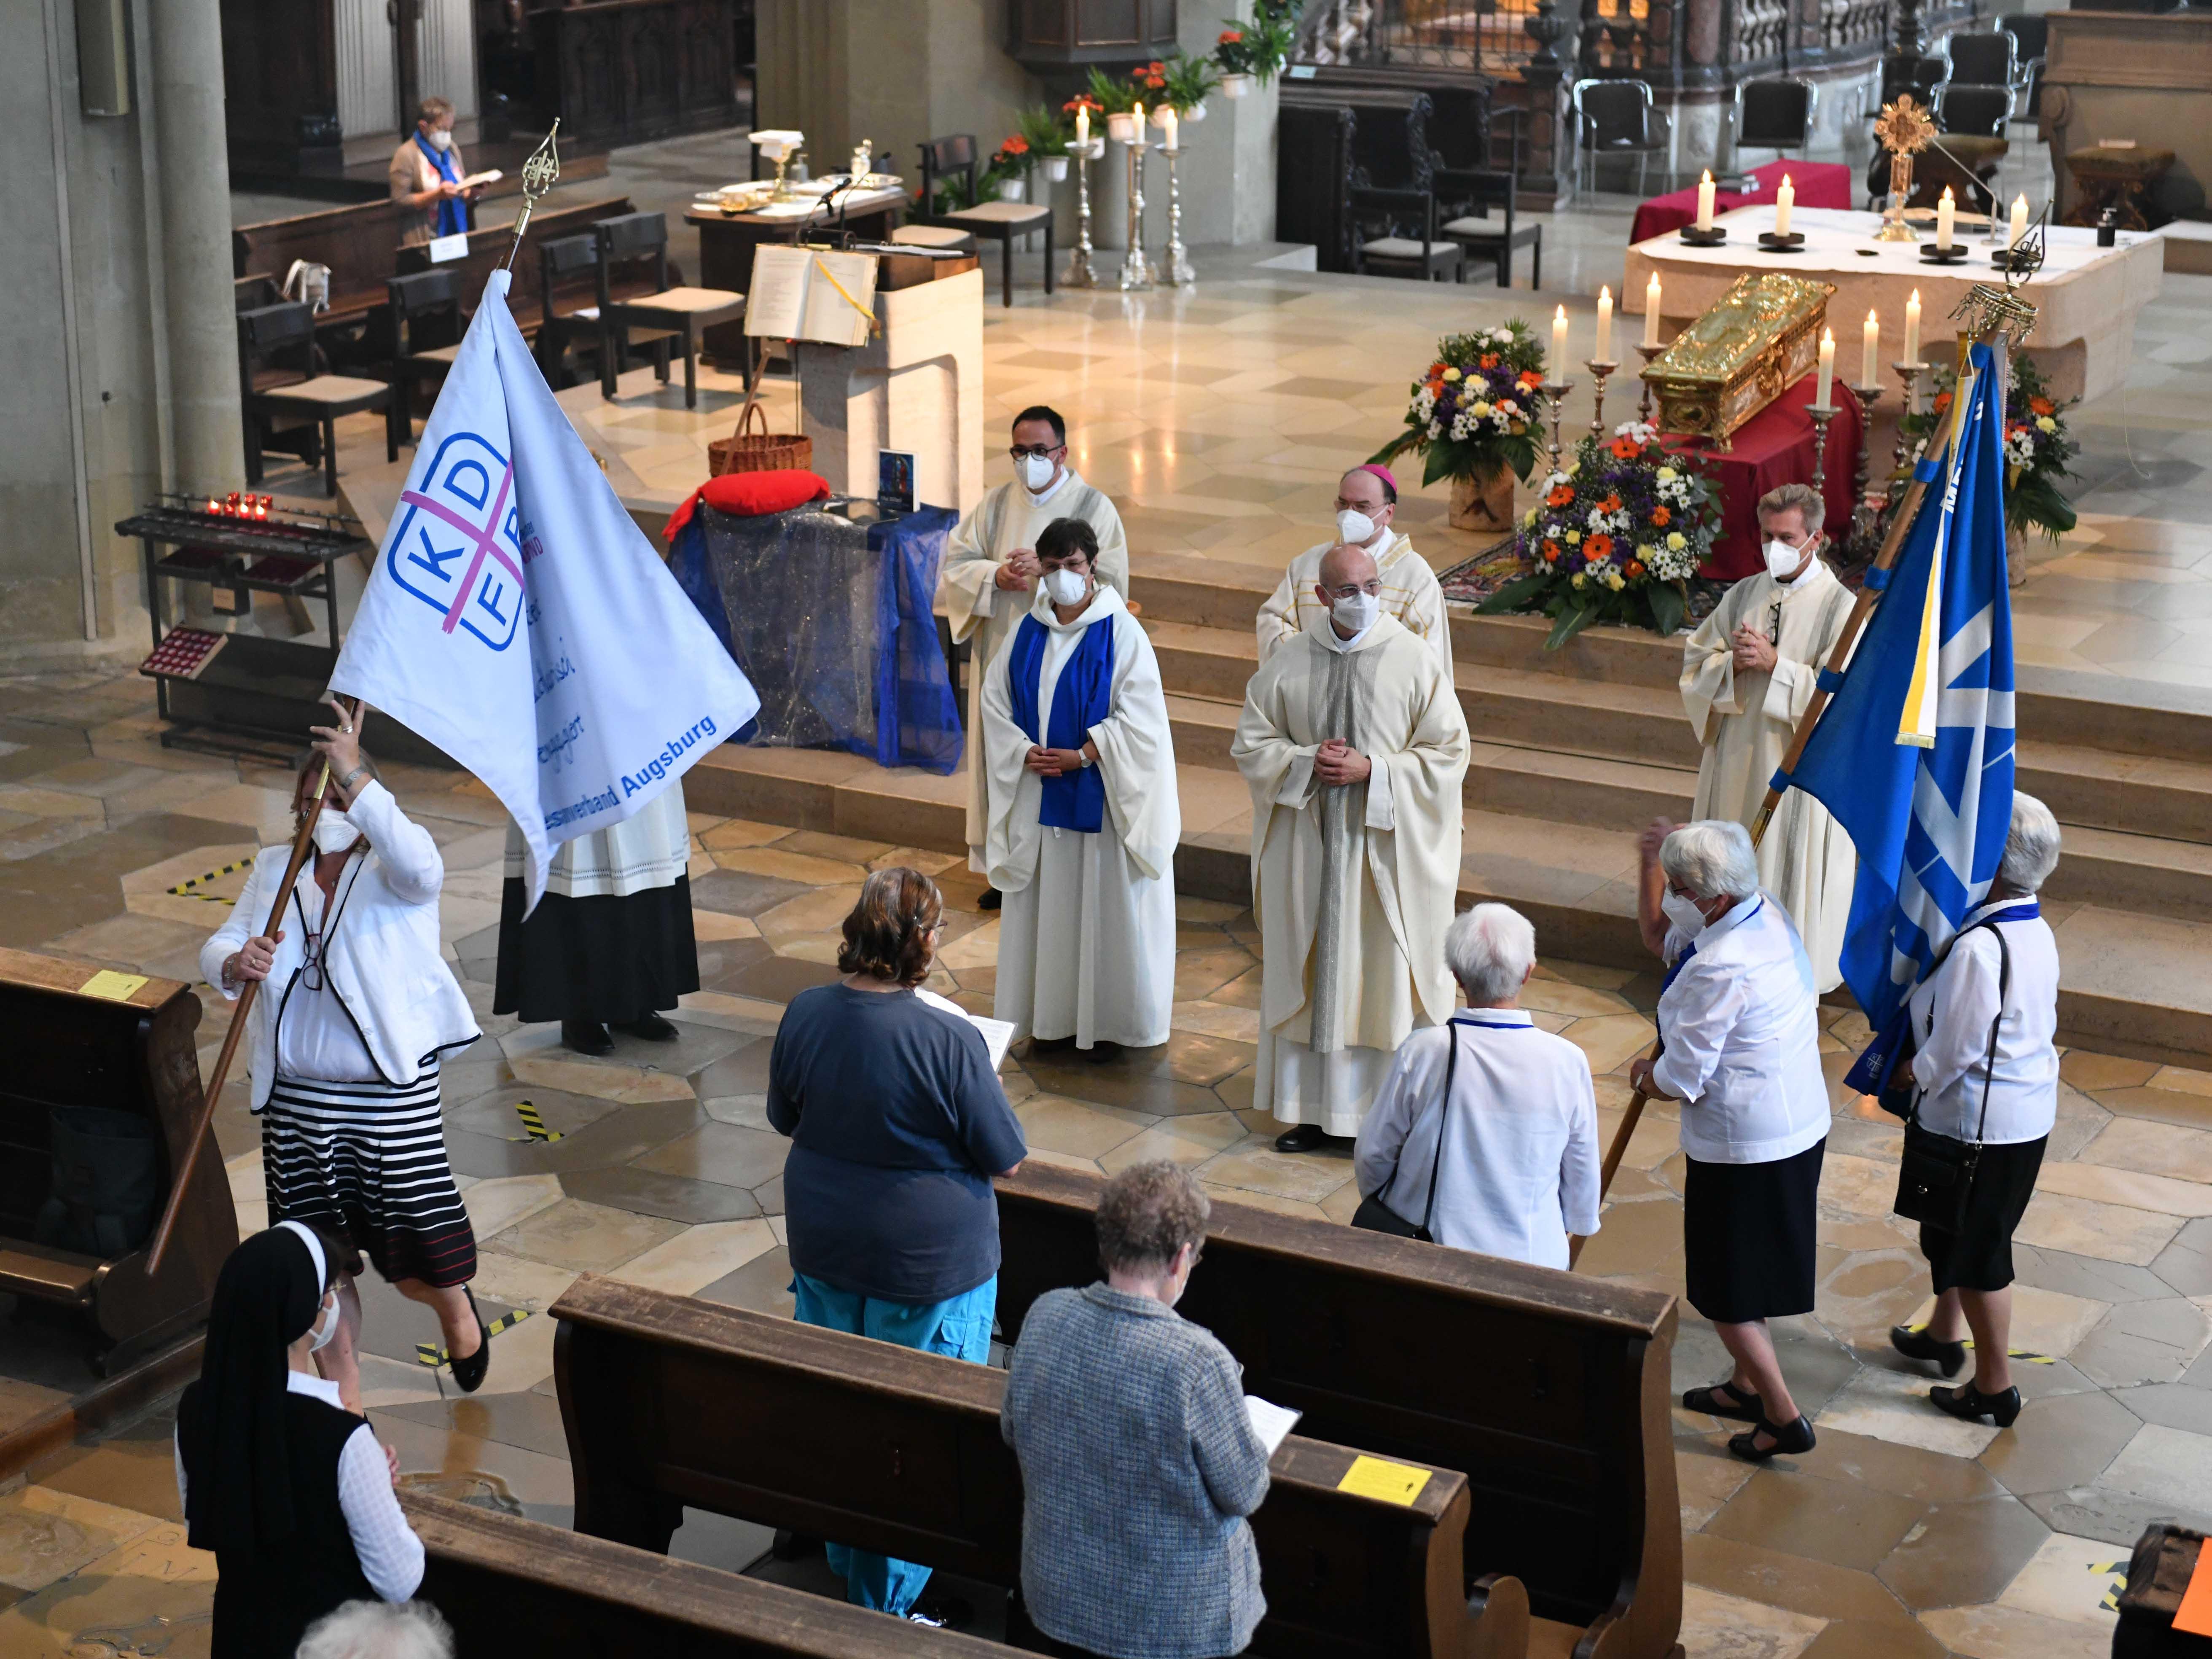 Den Gottesdienst zur traditionellen Frauenwallfahrt am Mittwochmorgen in der Ulrichswoche feierte heuer Bischof Bertram mit den Frauen des KDFB, aus Stadt und Umkreis. (Foto: Maria Steber / pba)